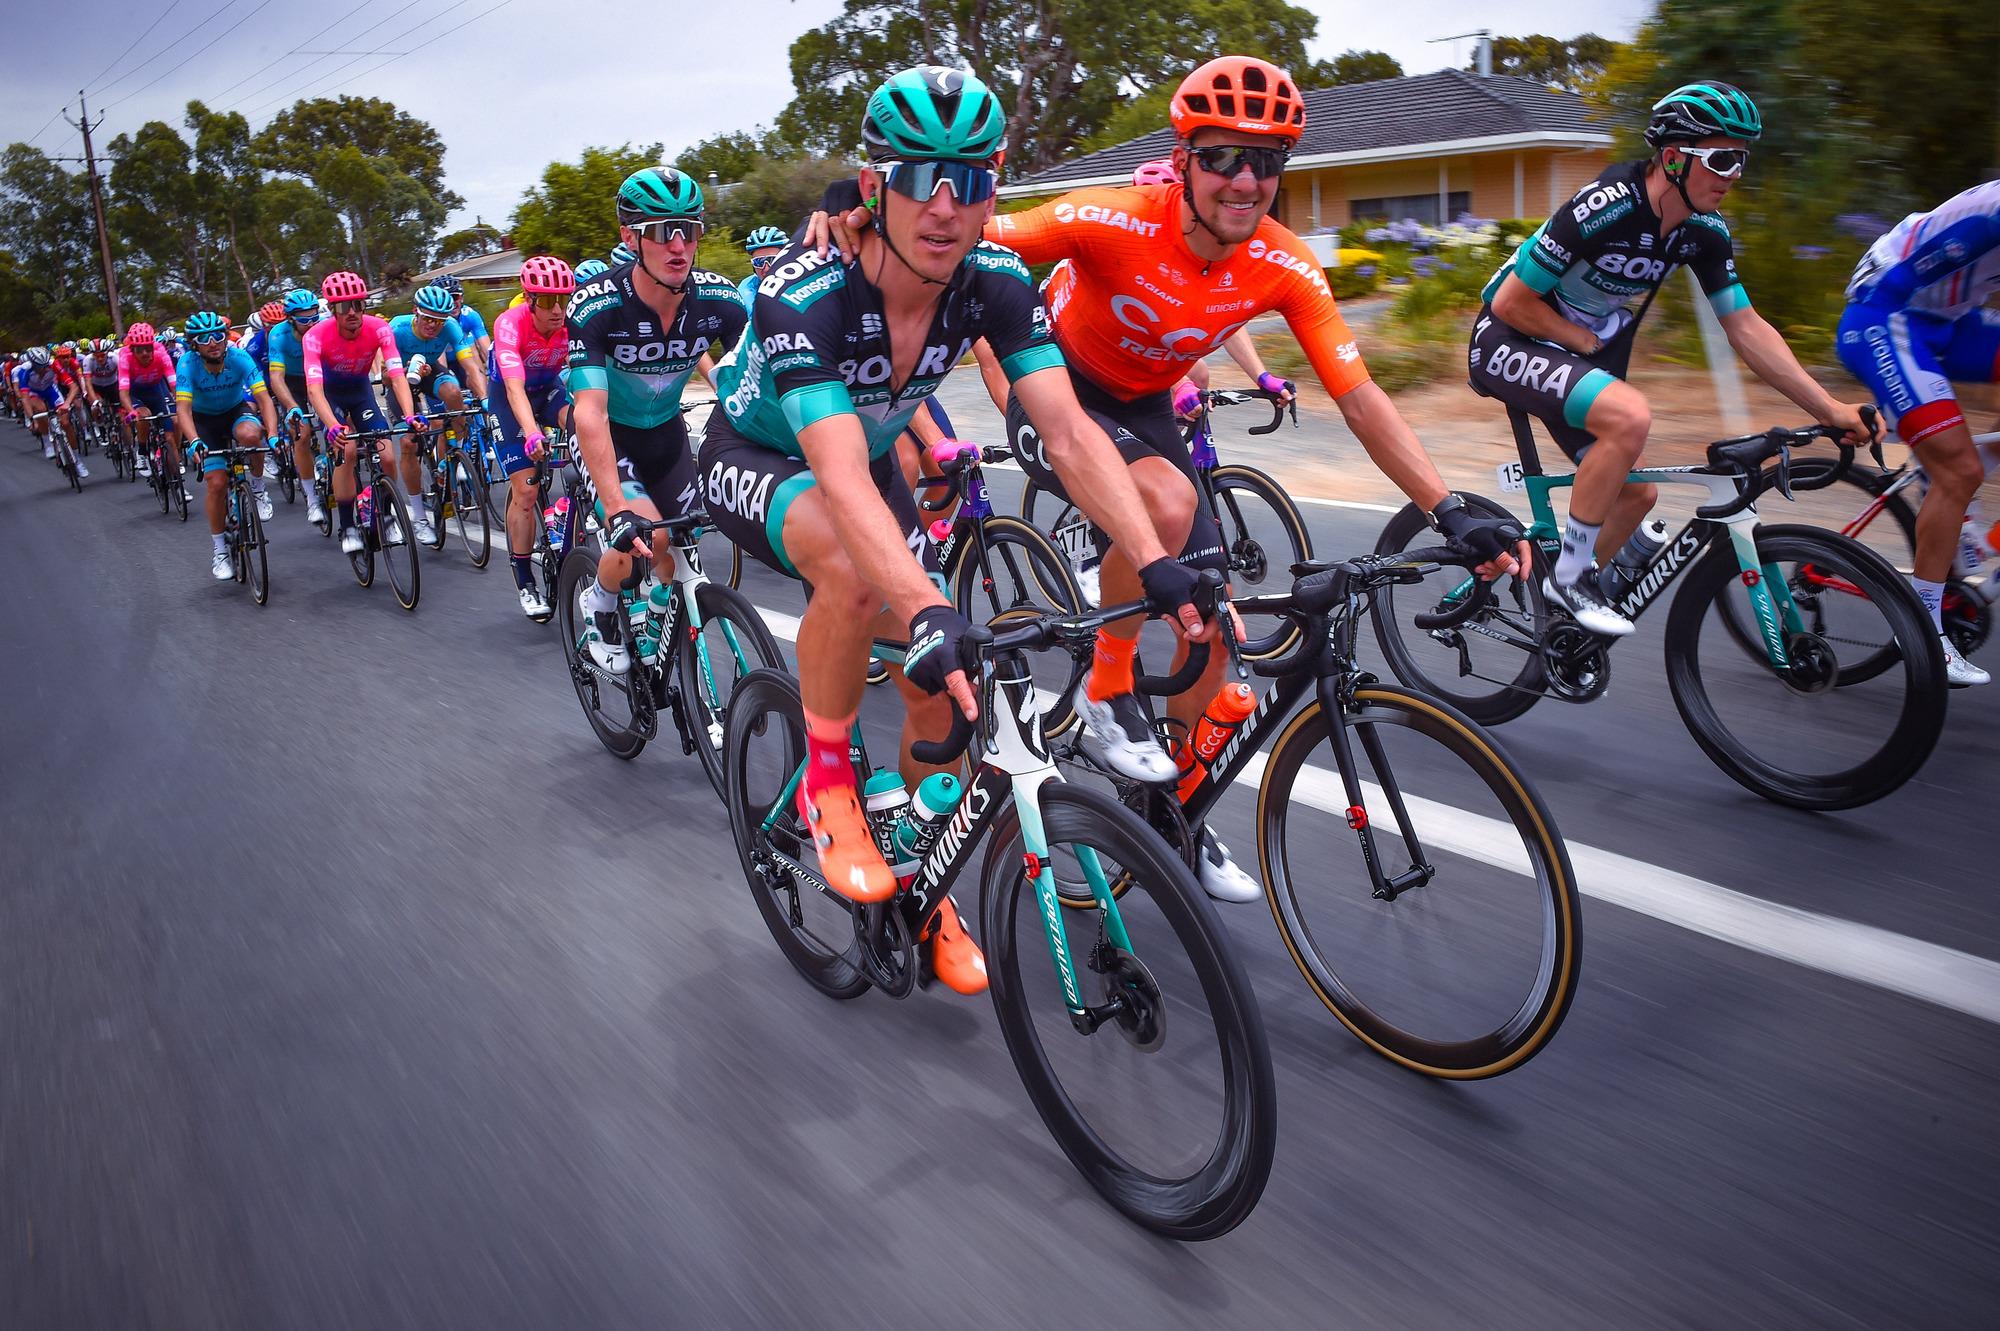 Tour du web - Santos Tour Down Under 2019